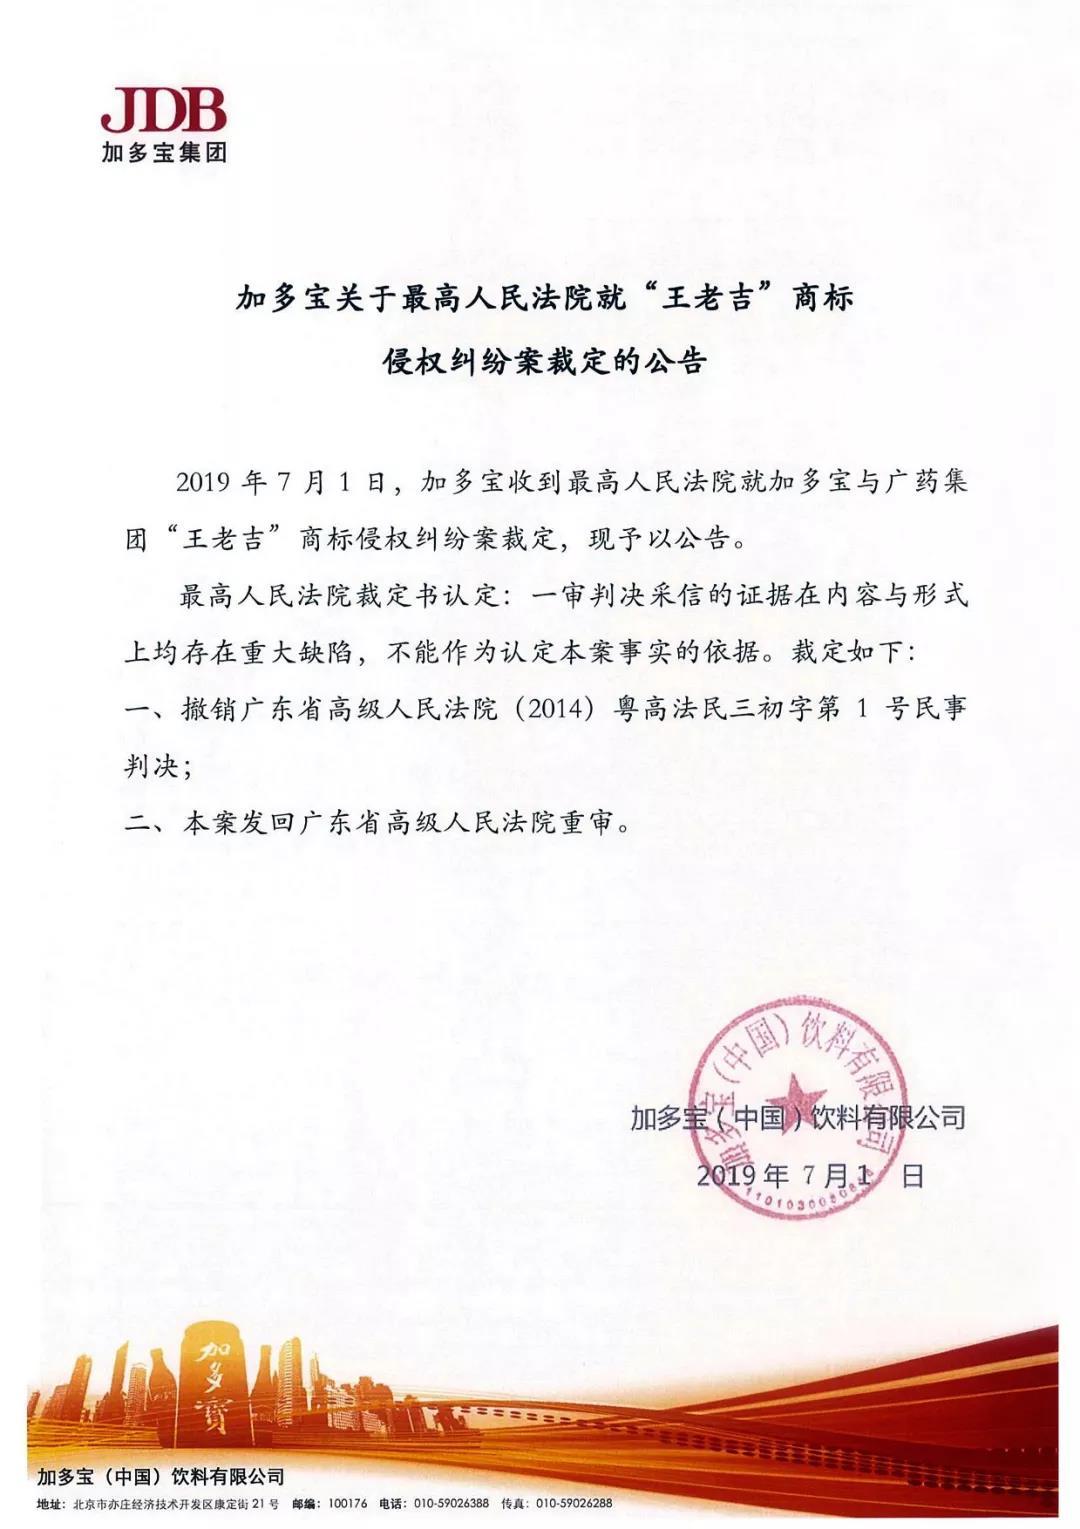 王老吉商標糾紛案 加多寶與廣藥糾紛再起波瀾